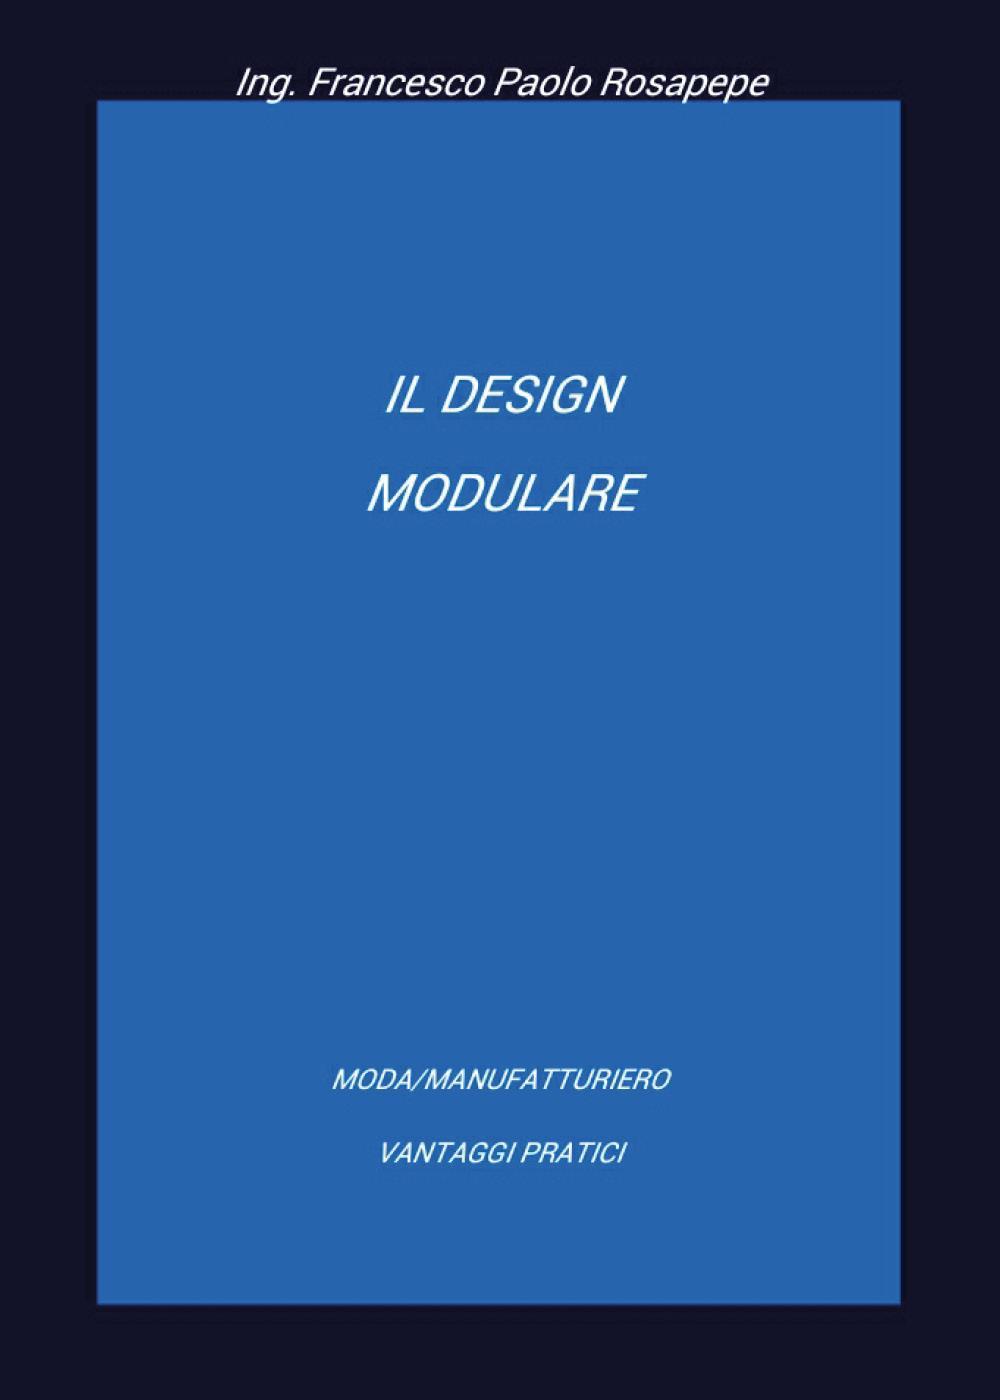 Il design modulare